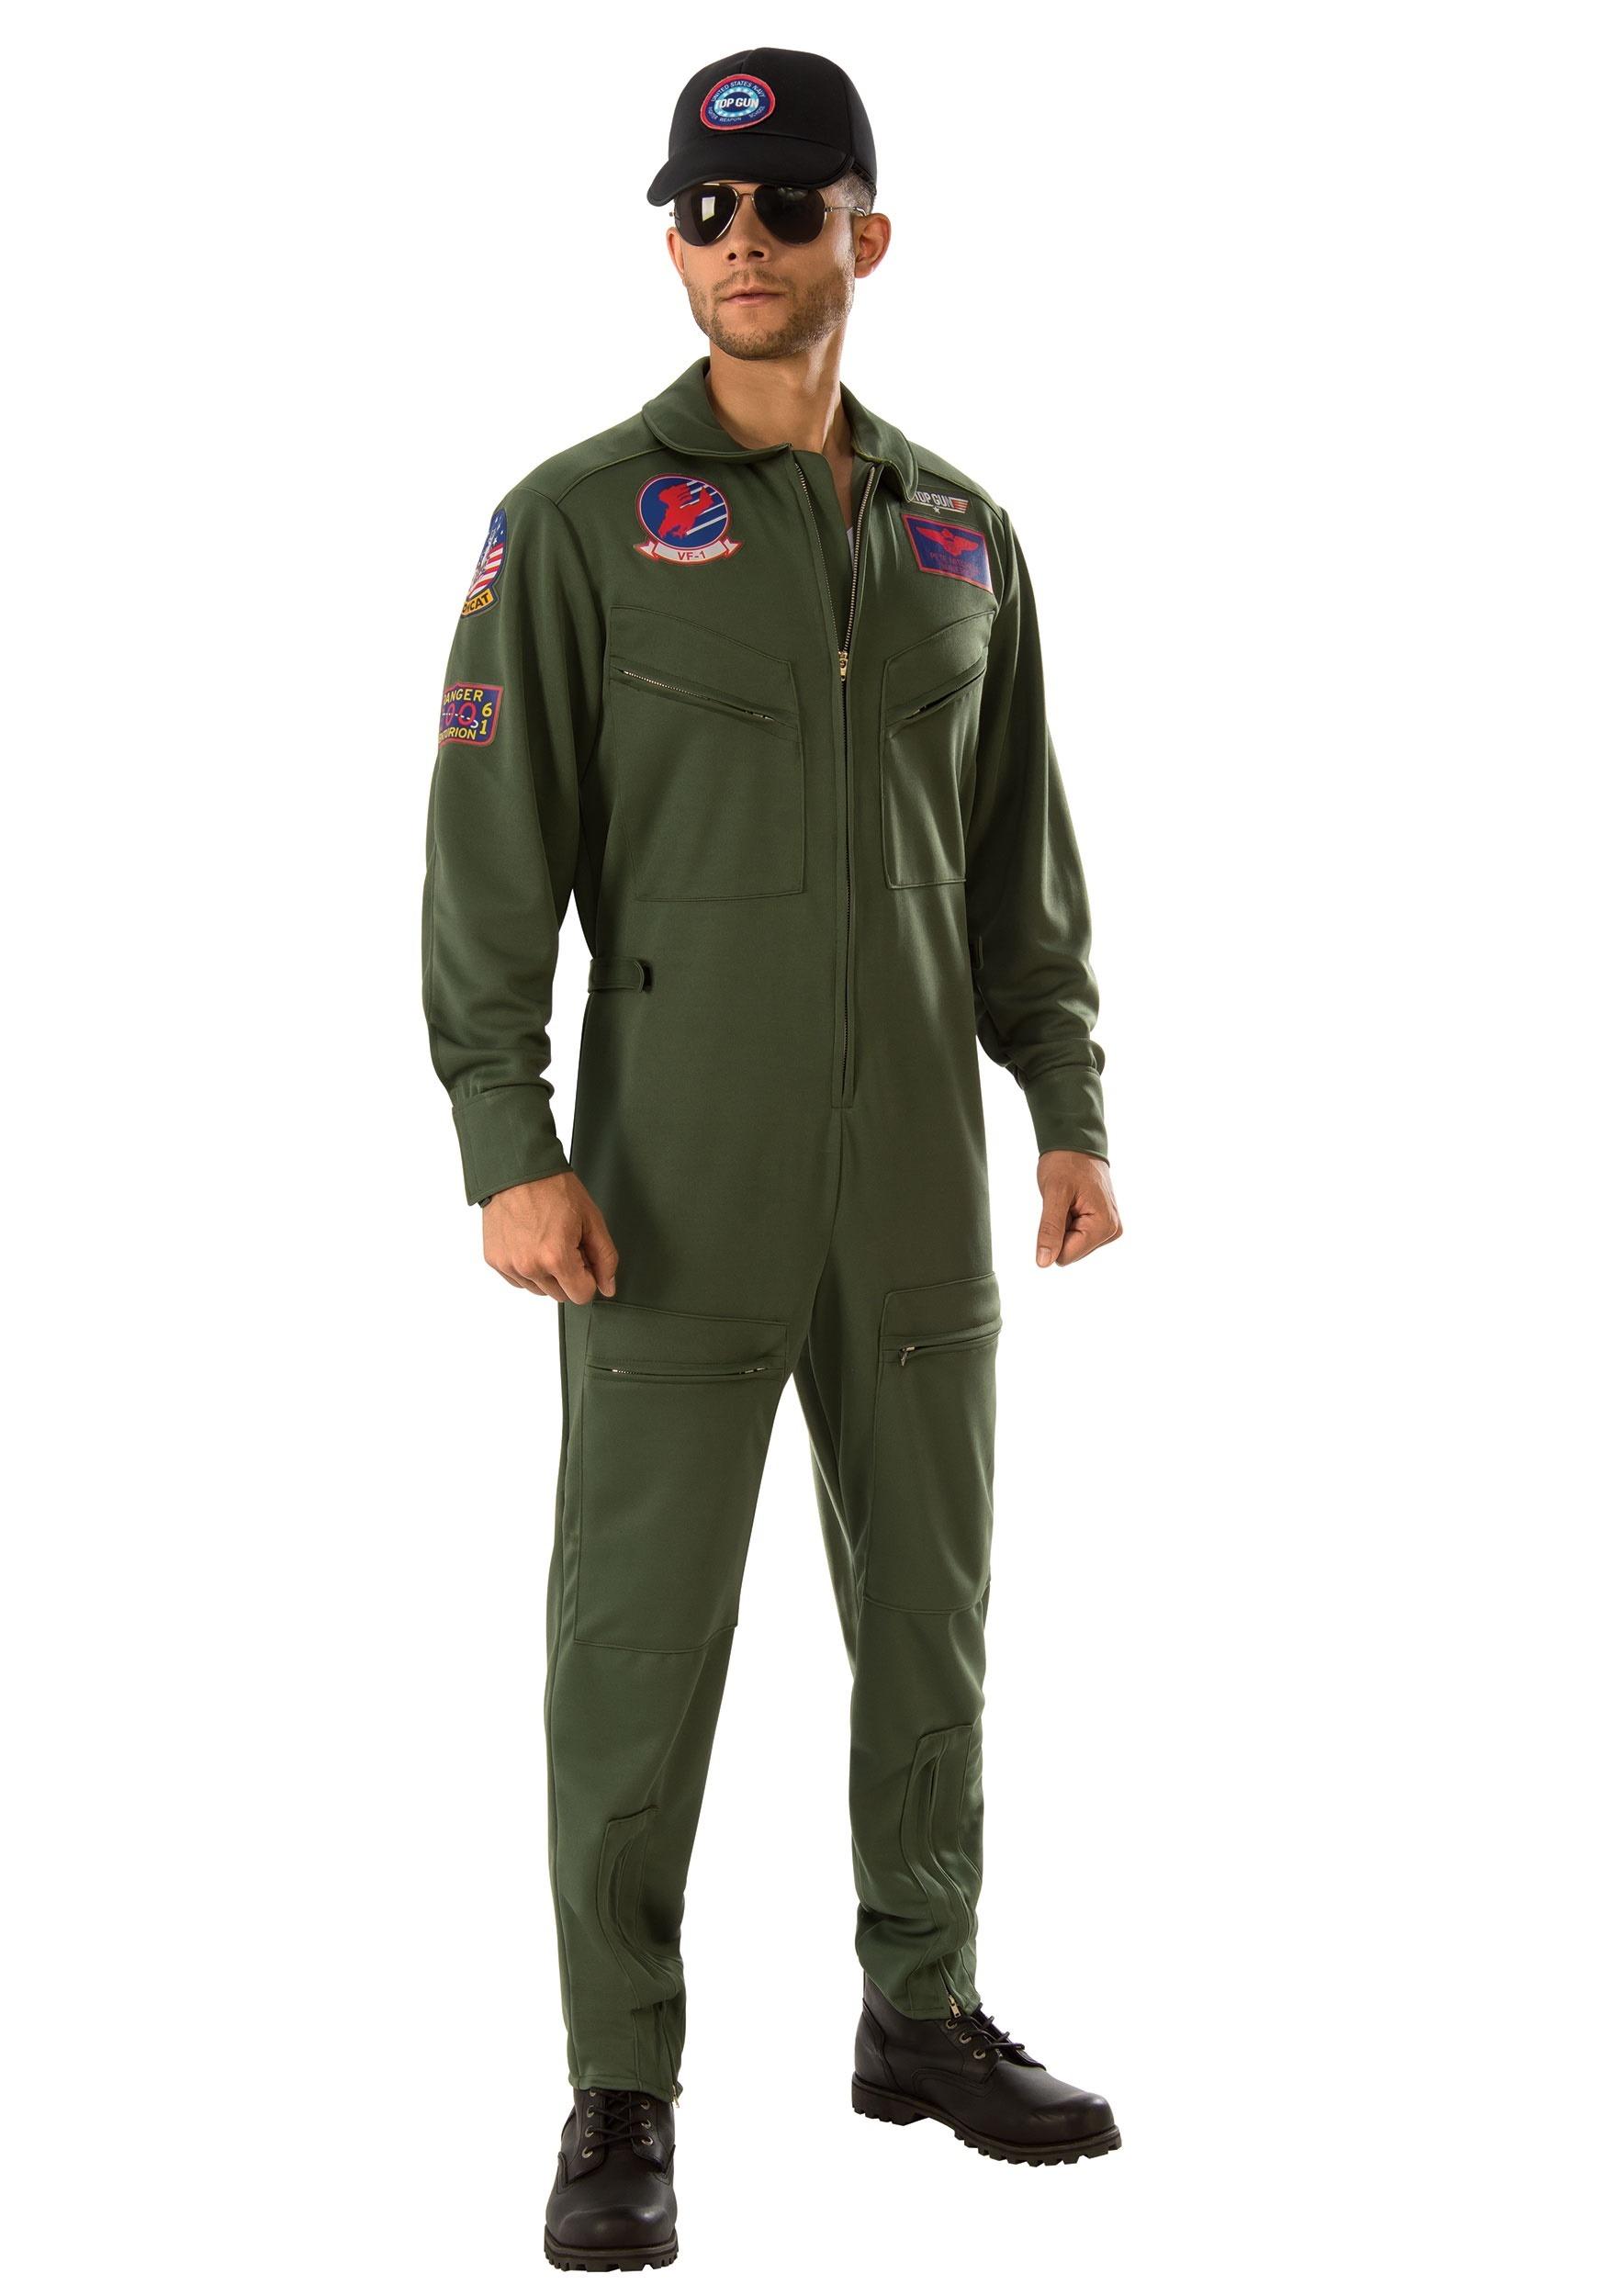 USAF Maverick Aviator Jacket by Widmann 0673   Karnival ...  Top Gun Mens Outfit